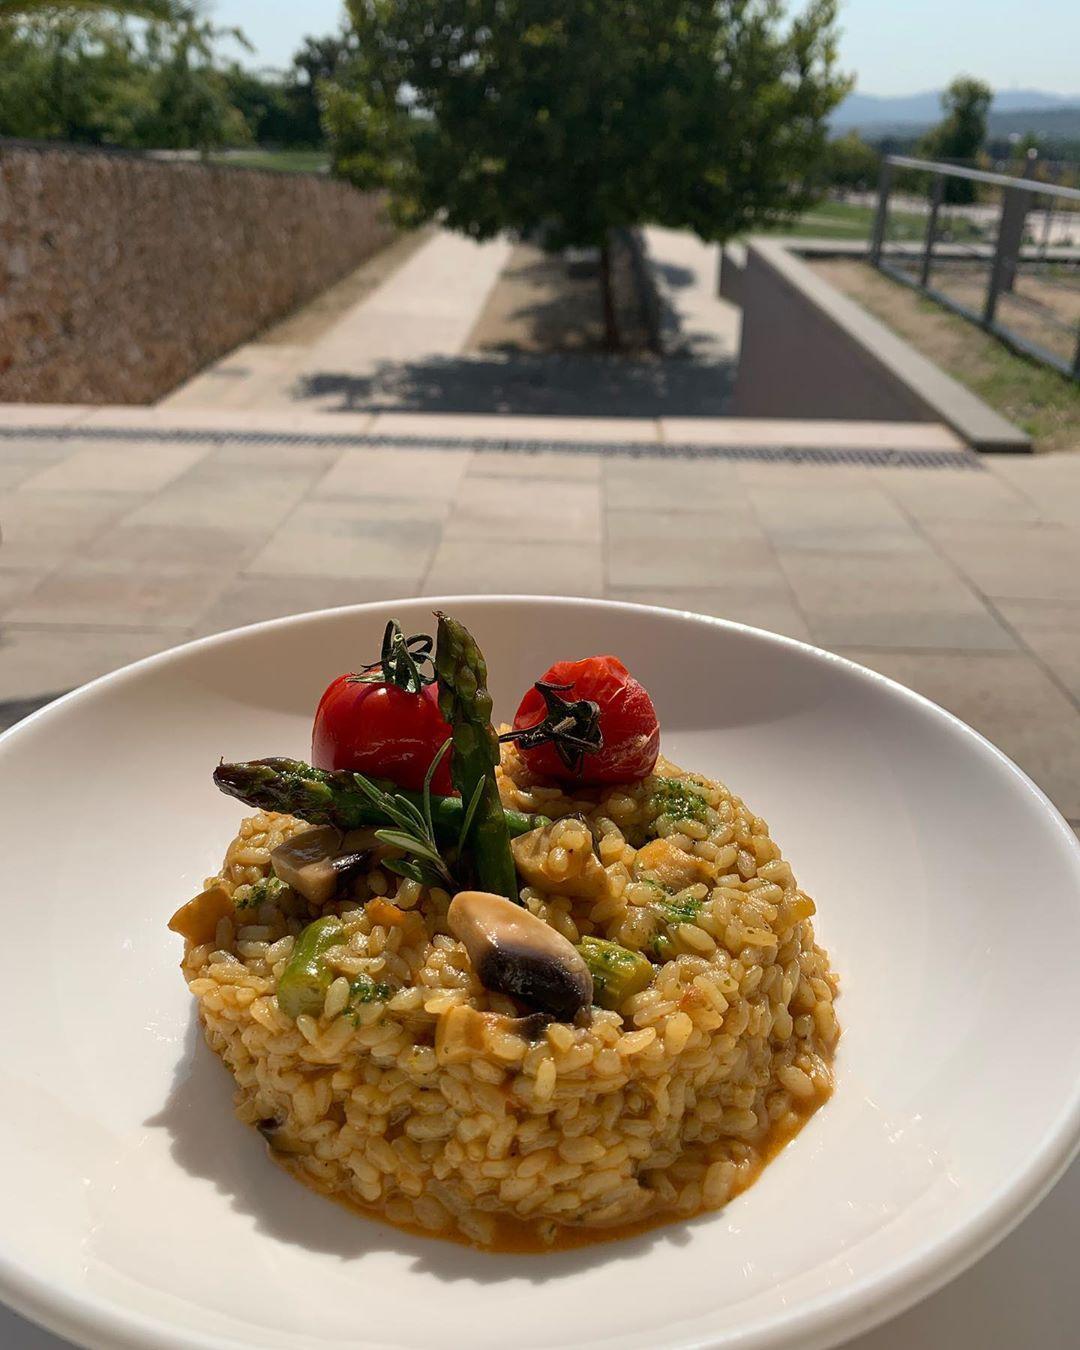 Hoy Jueves toca arroz de espárragos y champiñones como plato del día en @lacapella_cangambus 🌱🌱🌱💚💚💚!!! . . . . . . .